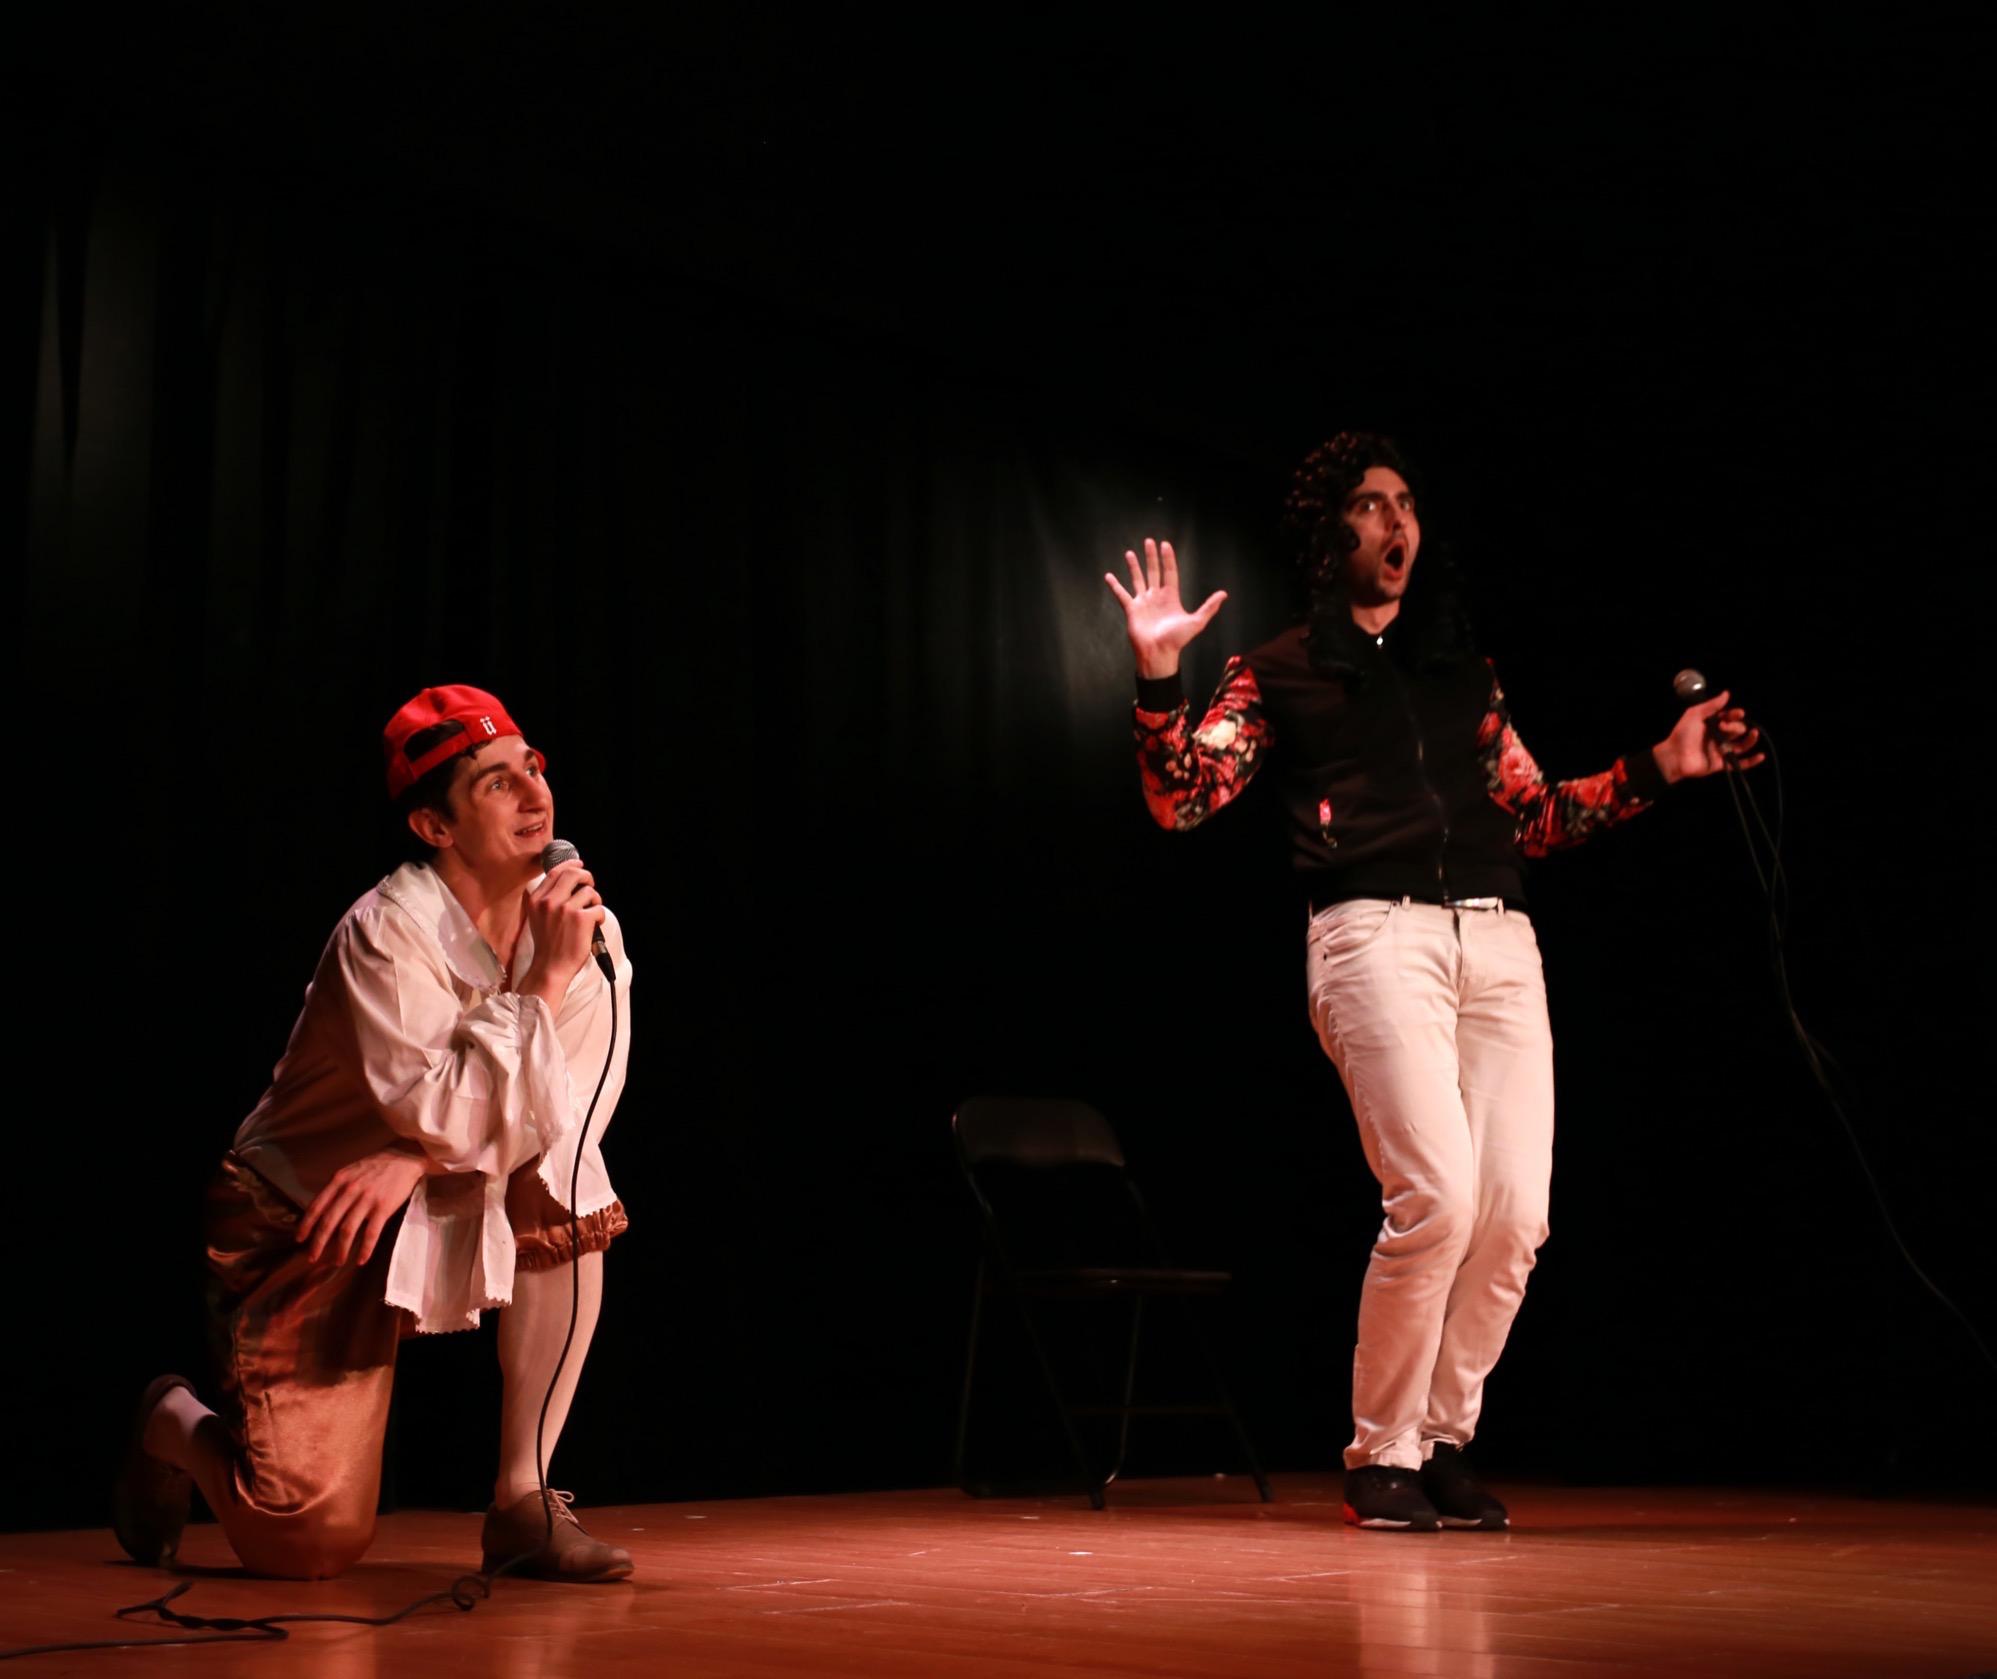 De La Fontaine à Booba Theatre Funambule Montmartre image-7